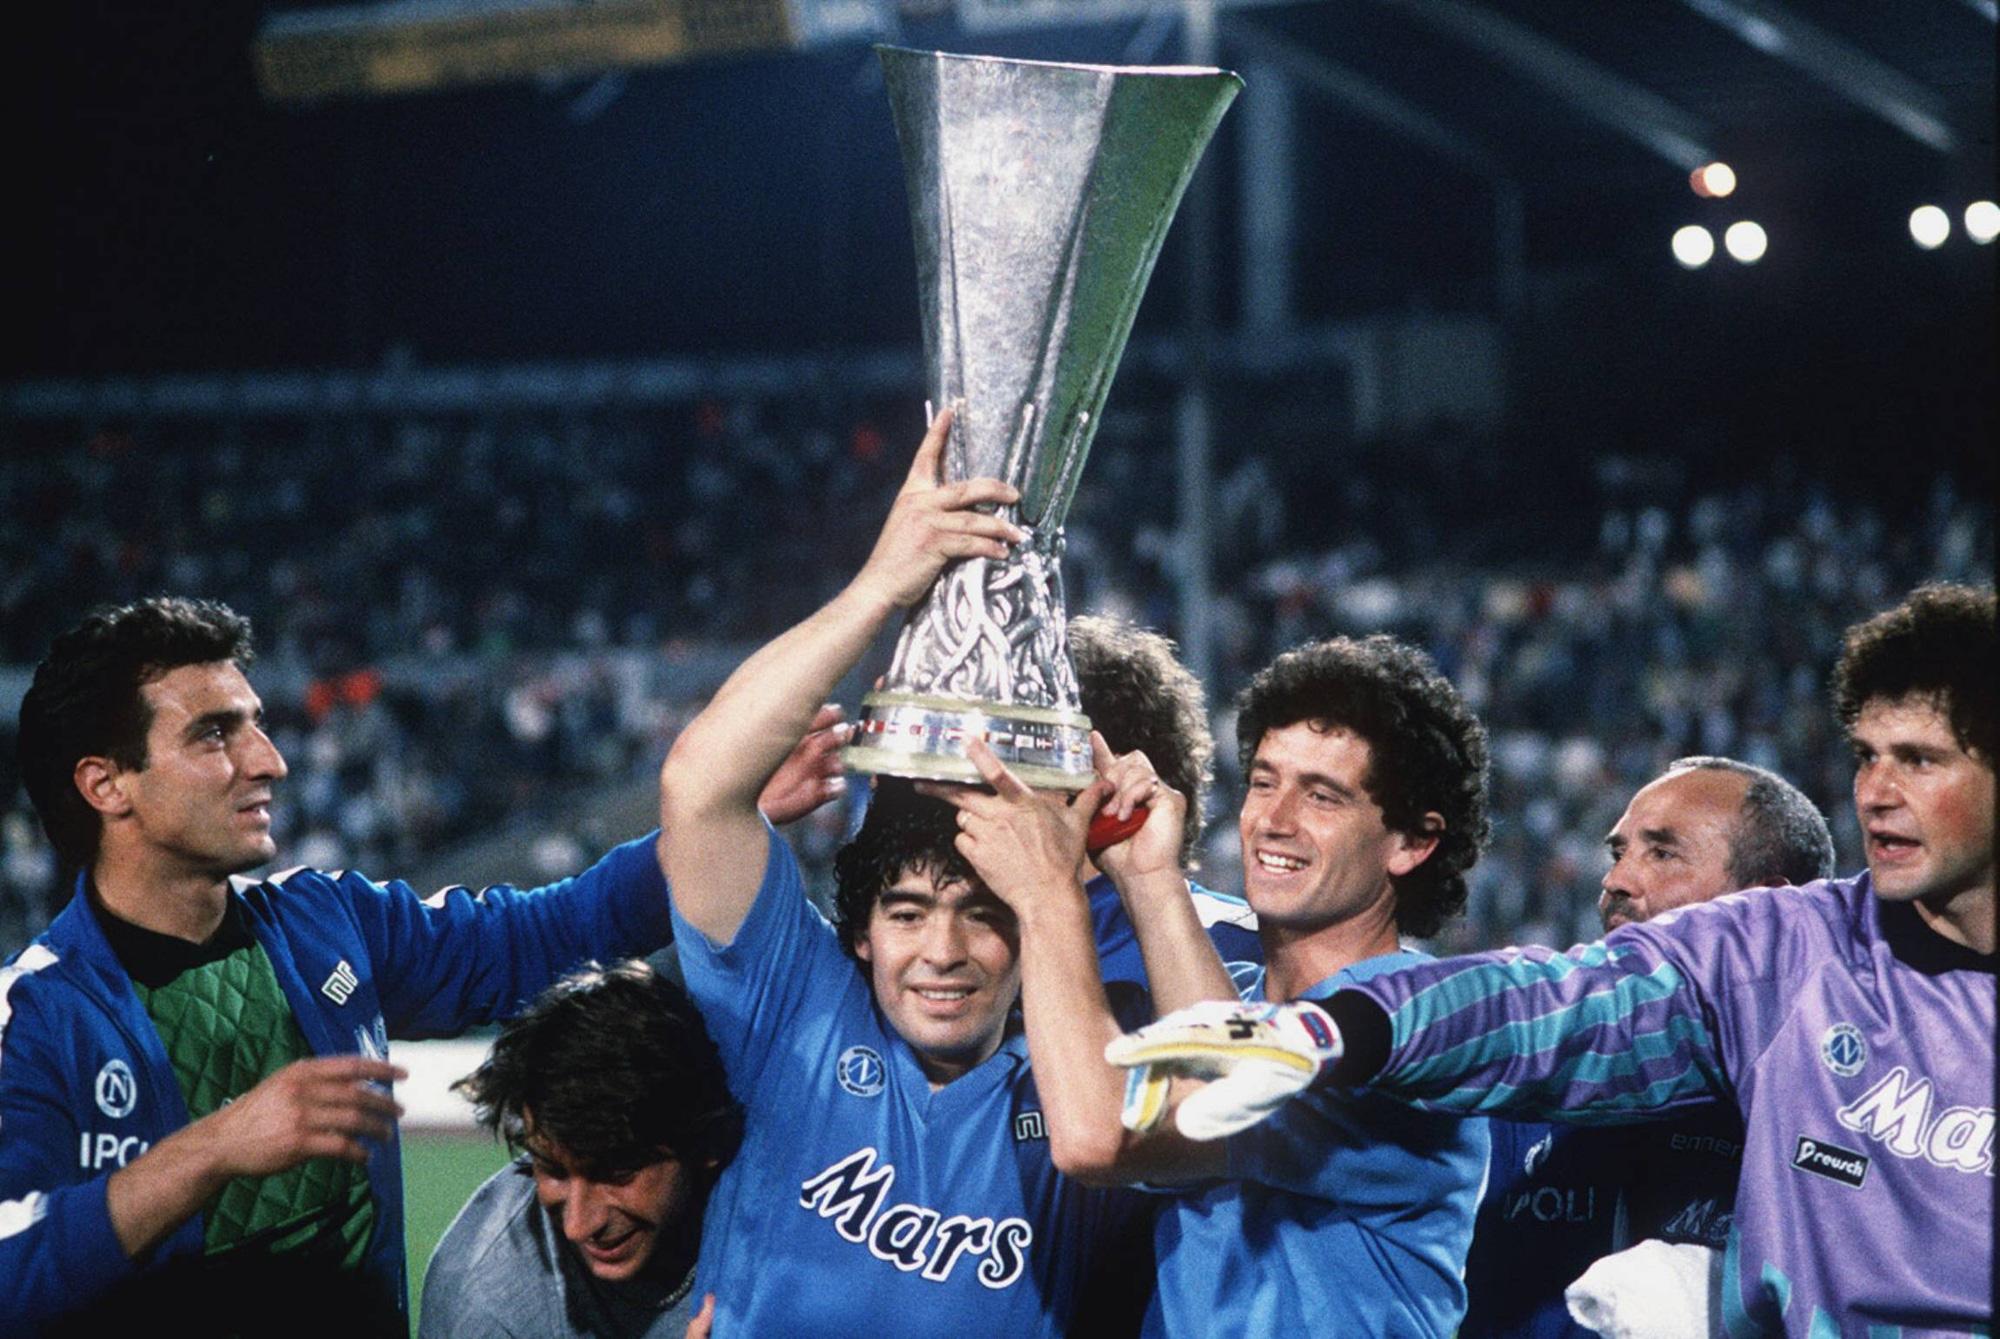 Cuộc đời Maradona qua ảnh: Đầy vinh quang nhưng cũng lắm tranh cãi - Ảnh 7.